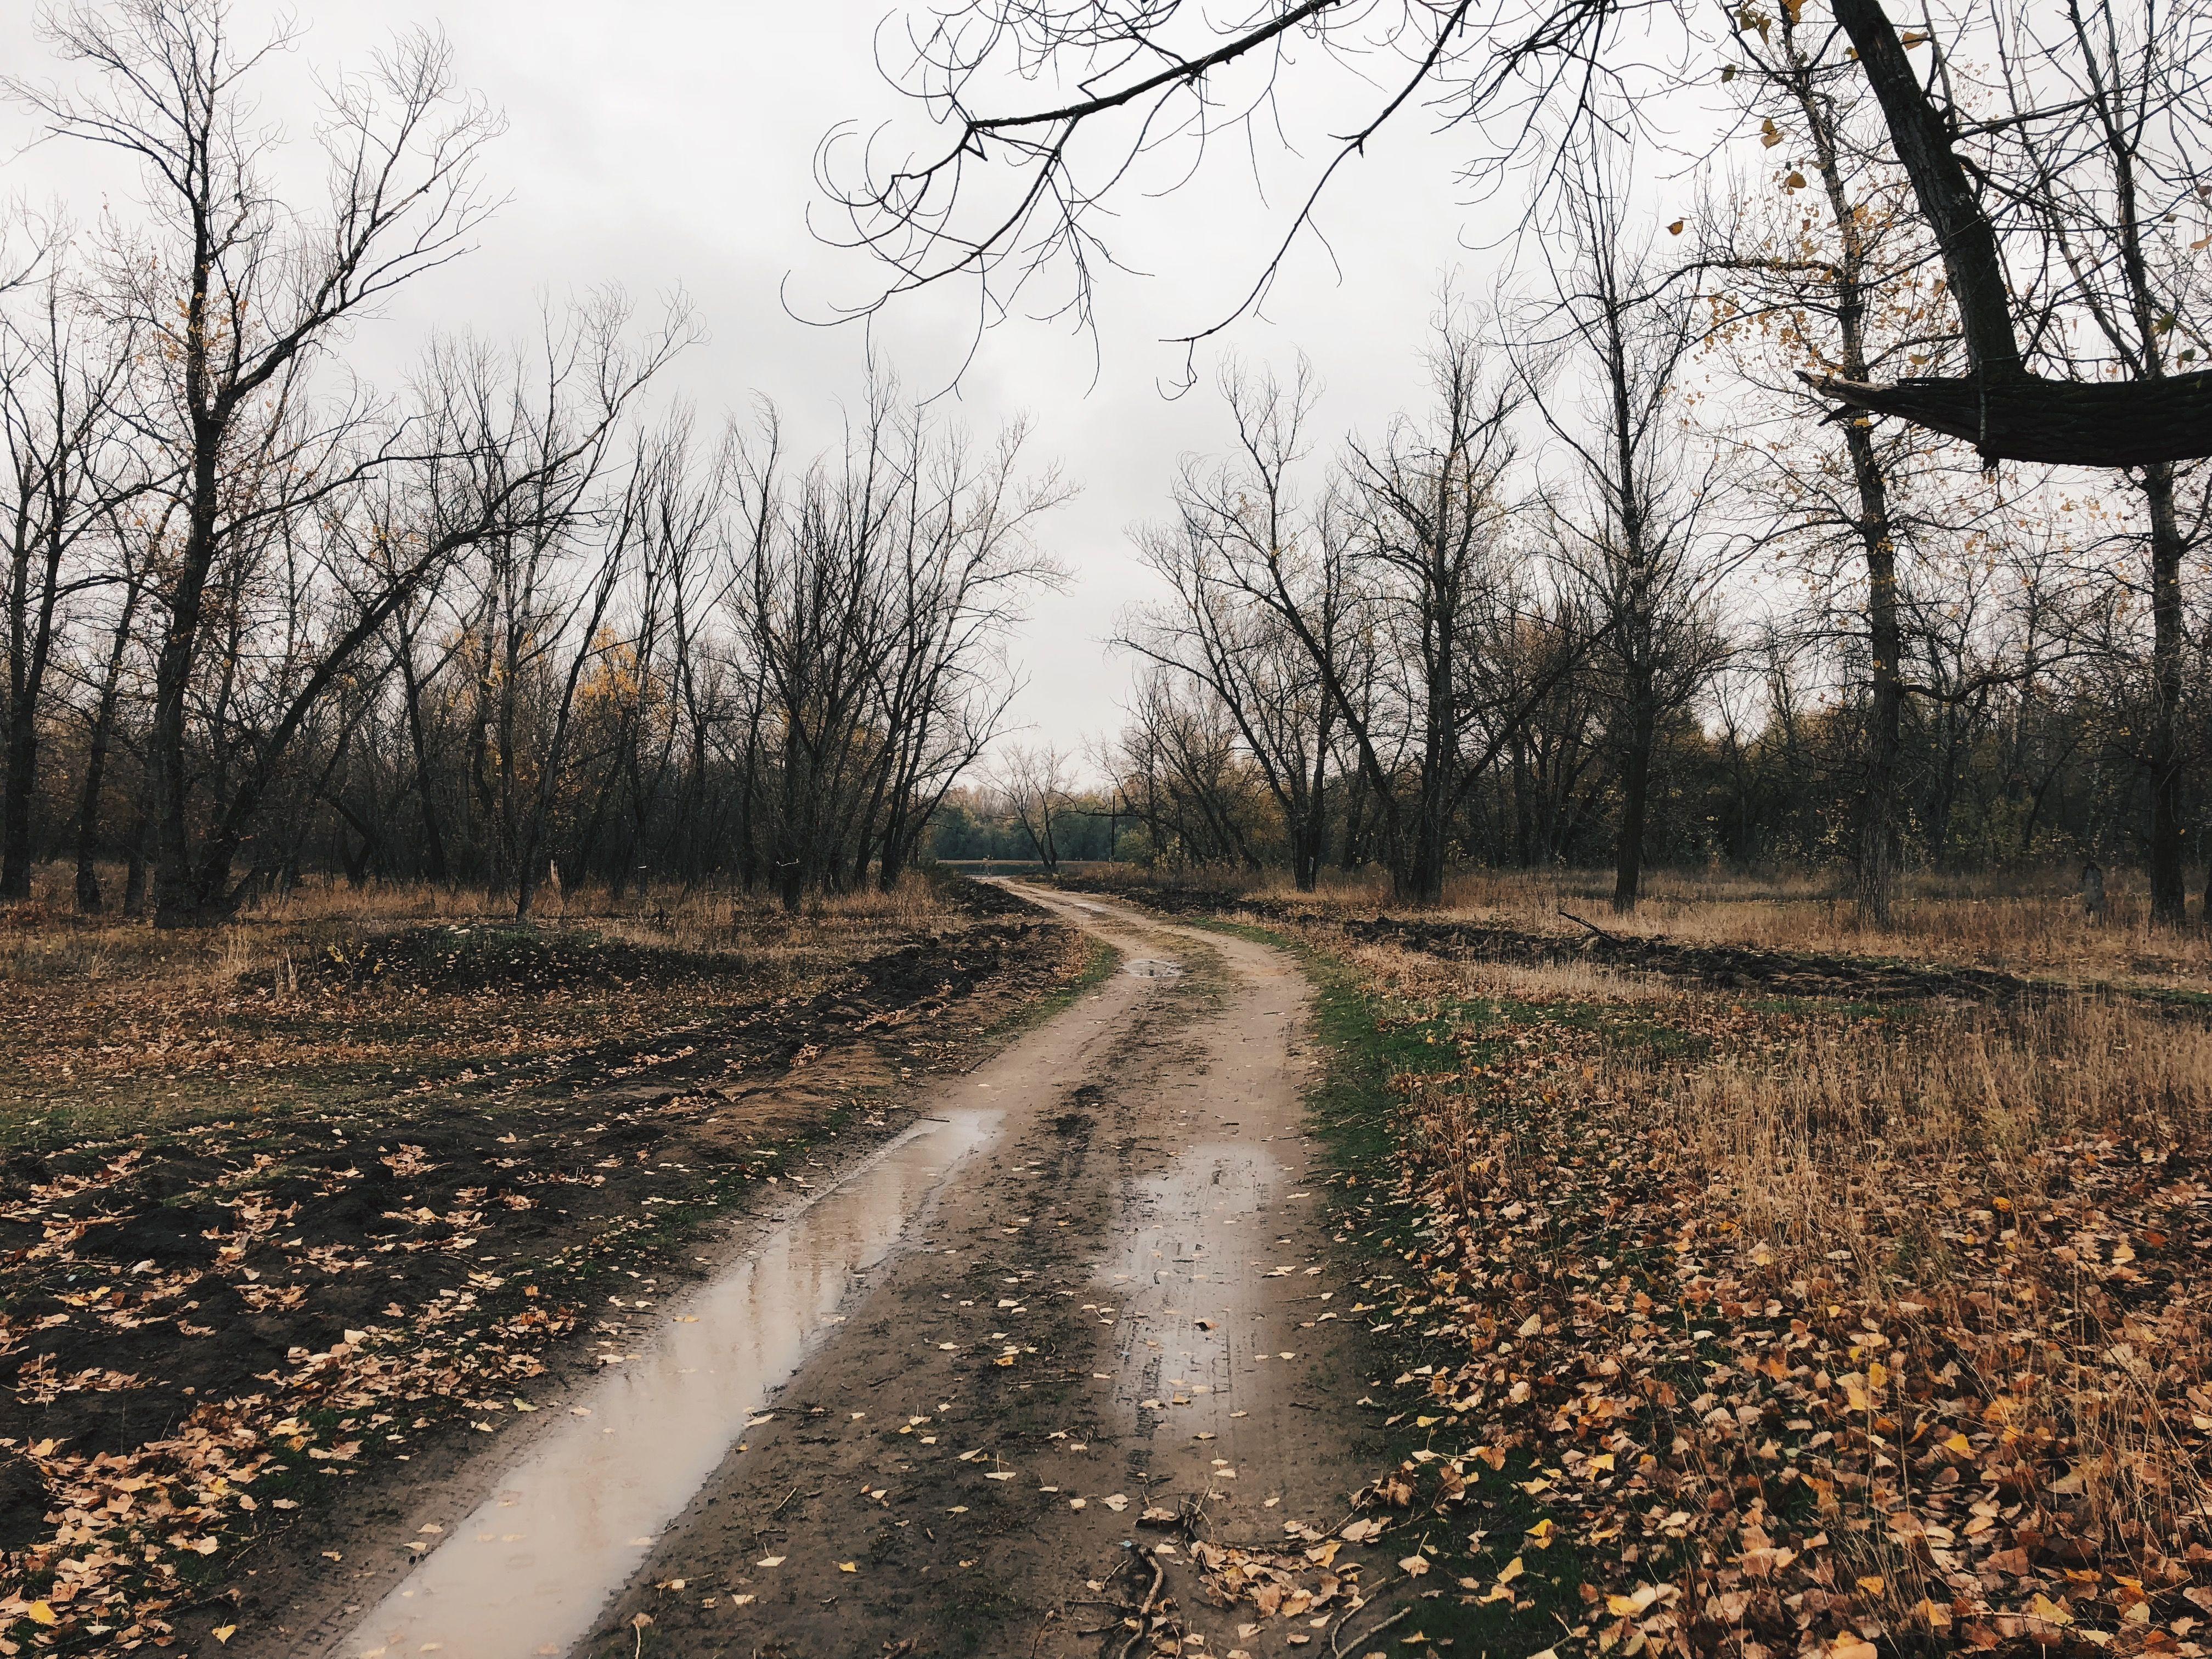 Поздняя осень в лесу. Мрачный лес   Лес, В лес